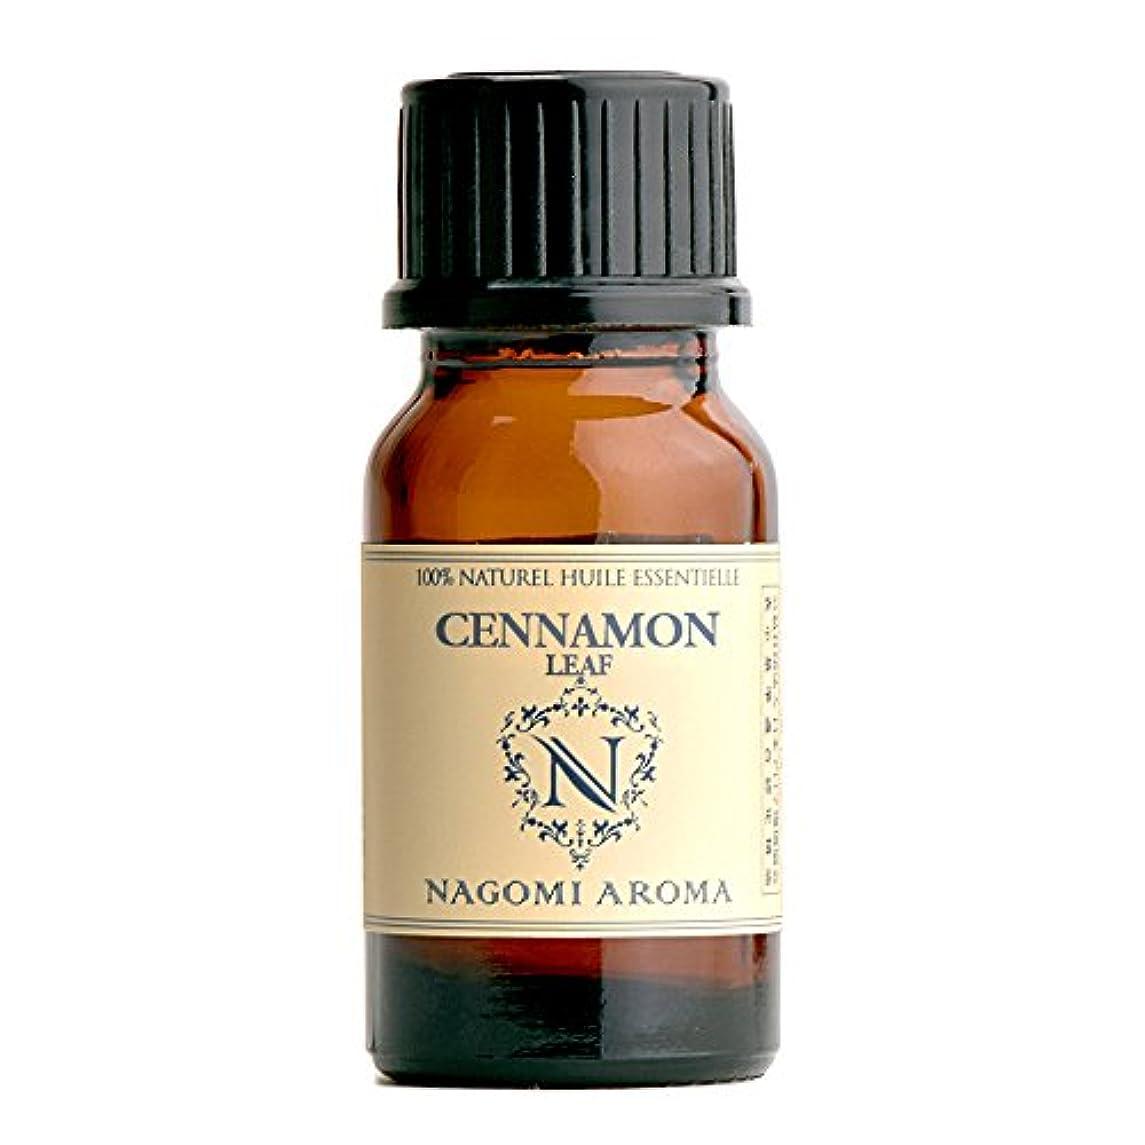 悪性の思い出す実験室NAGOMI AROMA シナモンリーフ 10ml 【AEAJ認定精油】【アロマオイル】